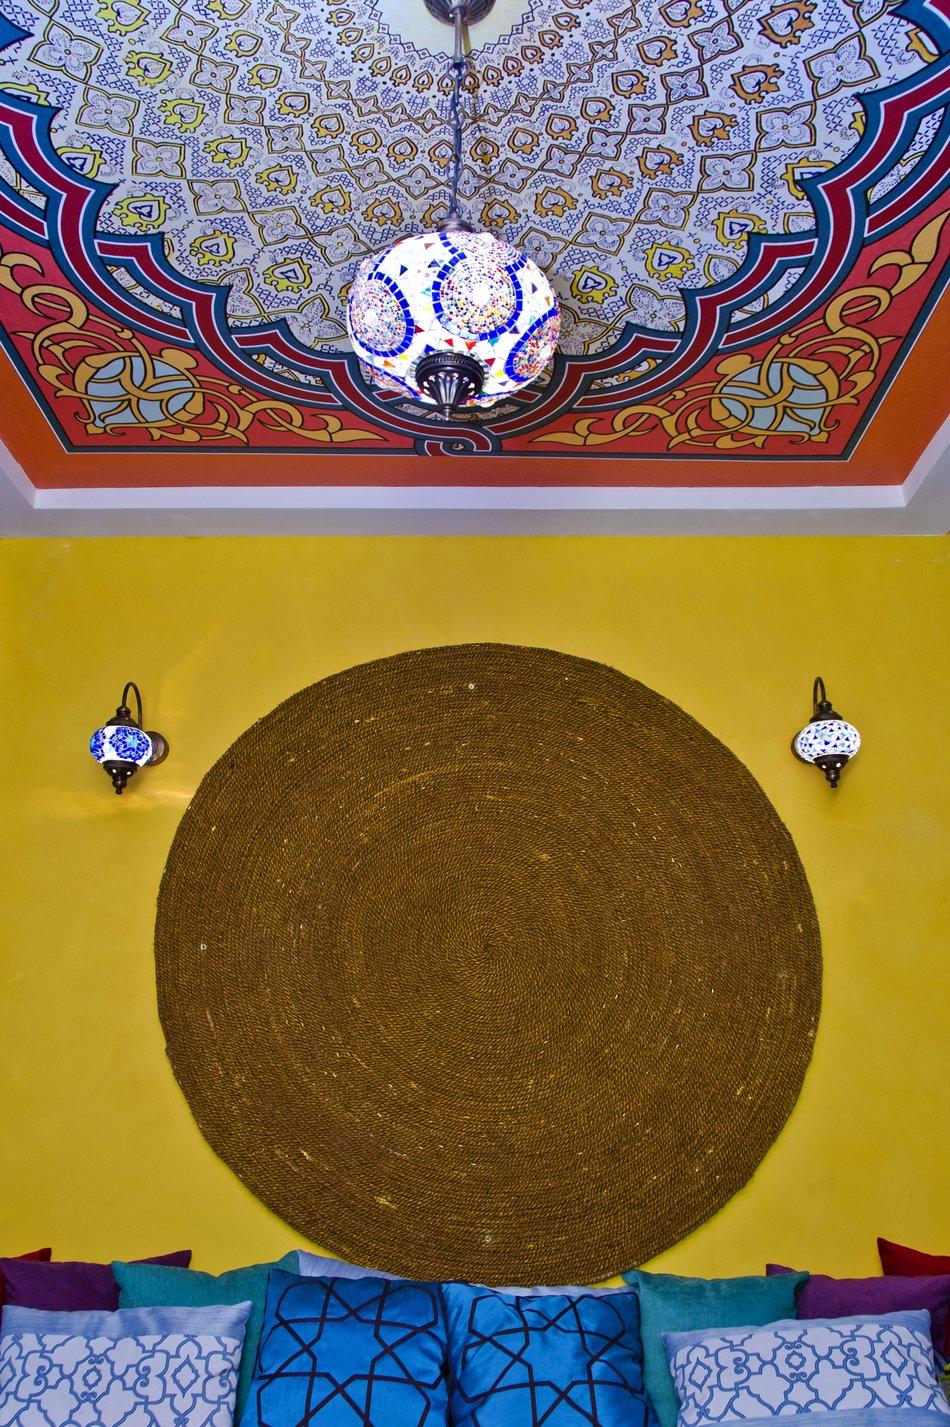 Круглый коврик на стене кухни в восточном стиле